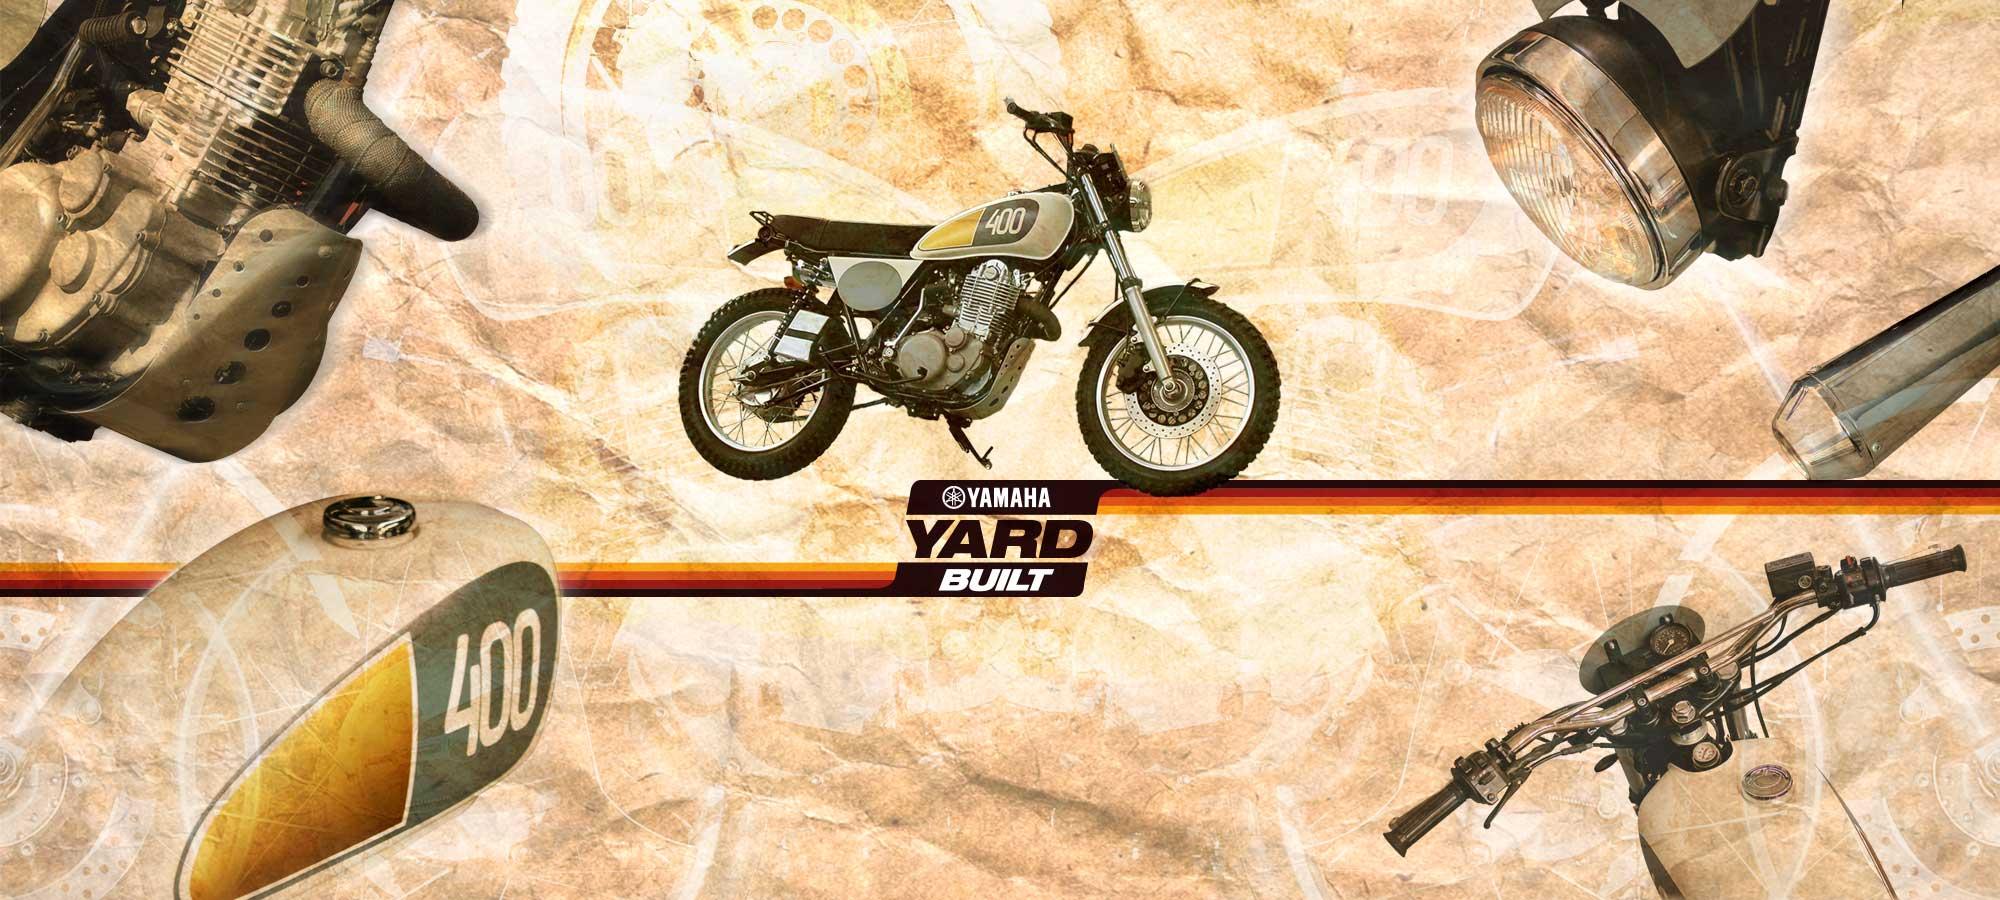 Préparation café racer Yamaha SR 400 Yard built YAMAHA